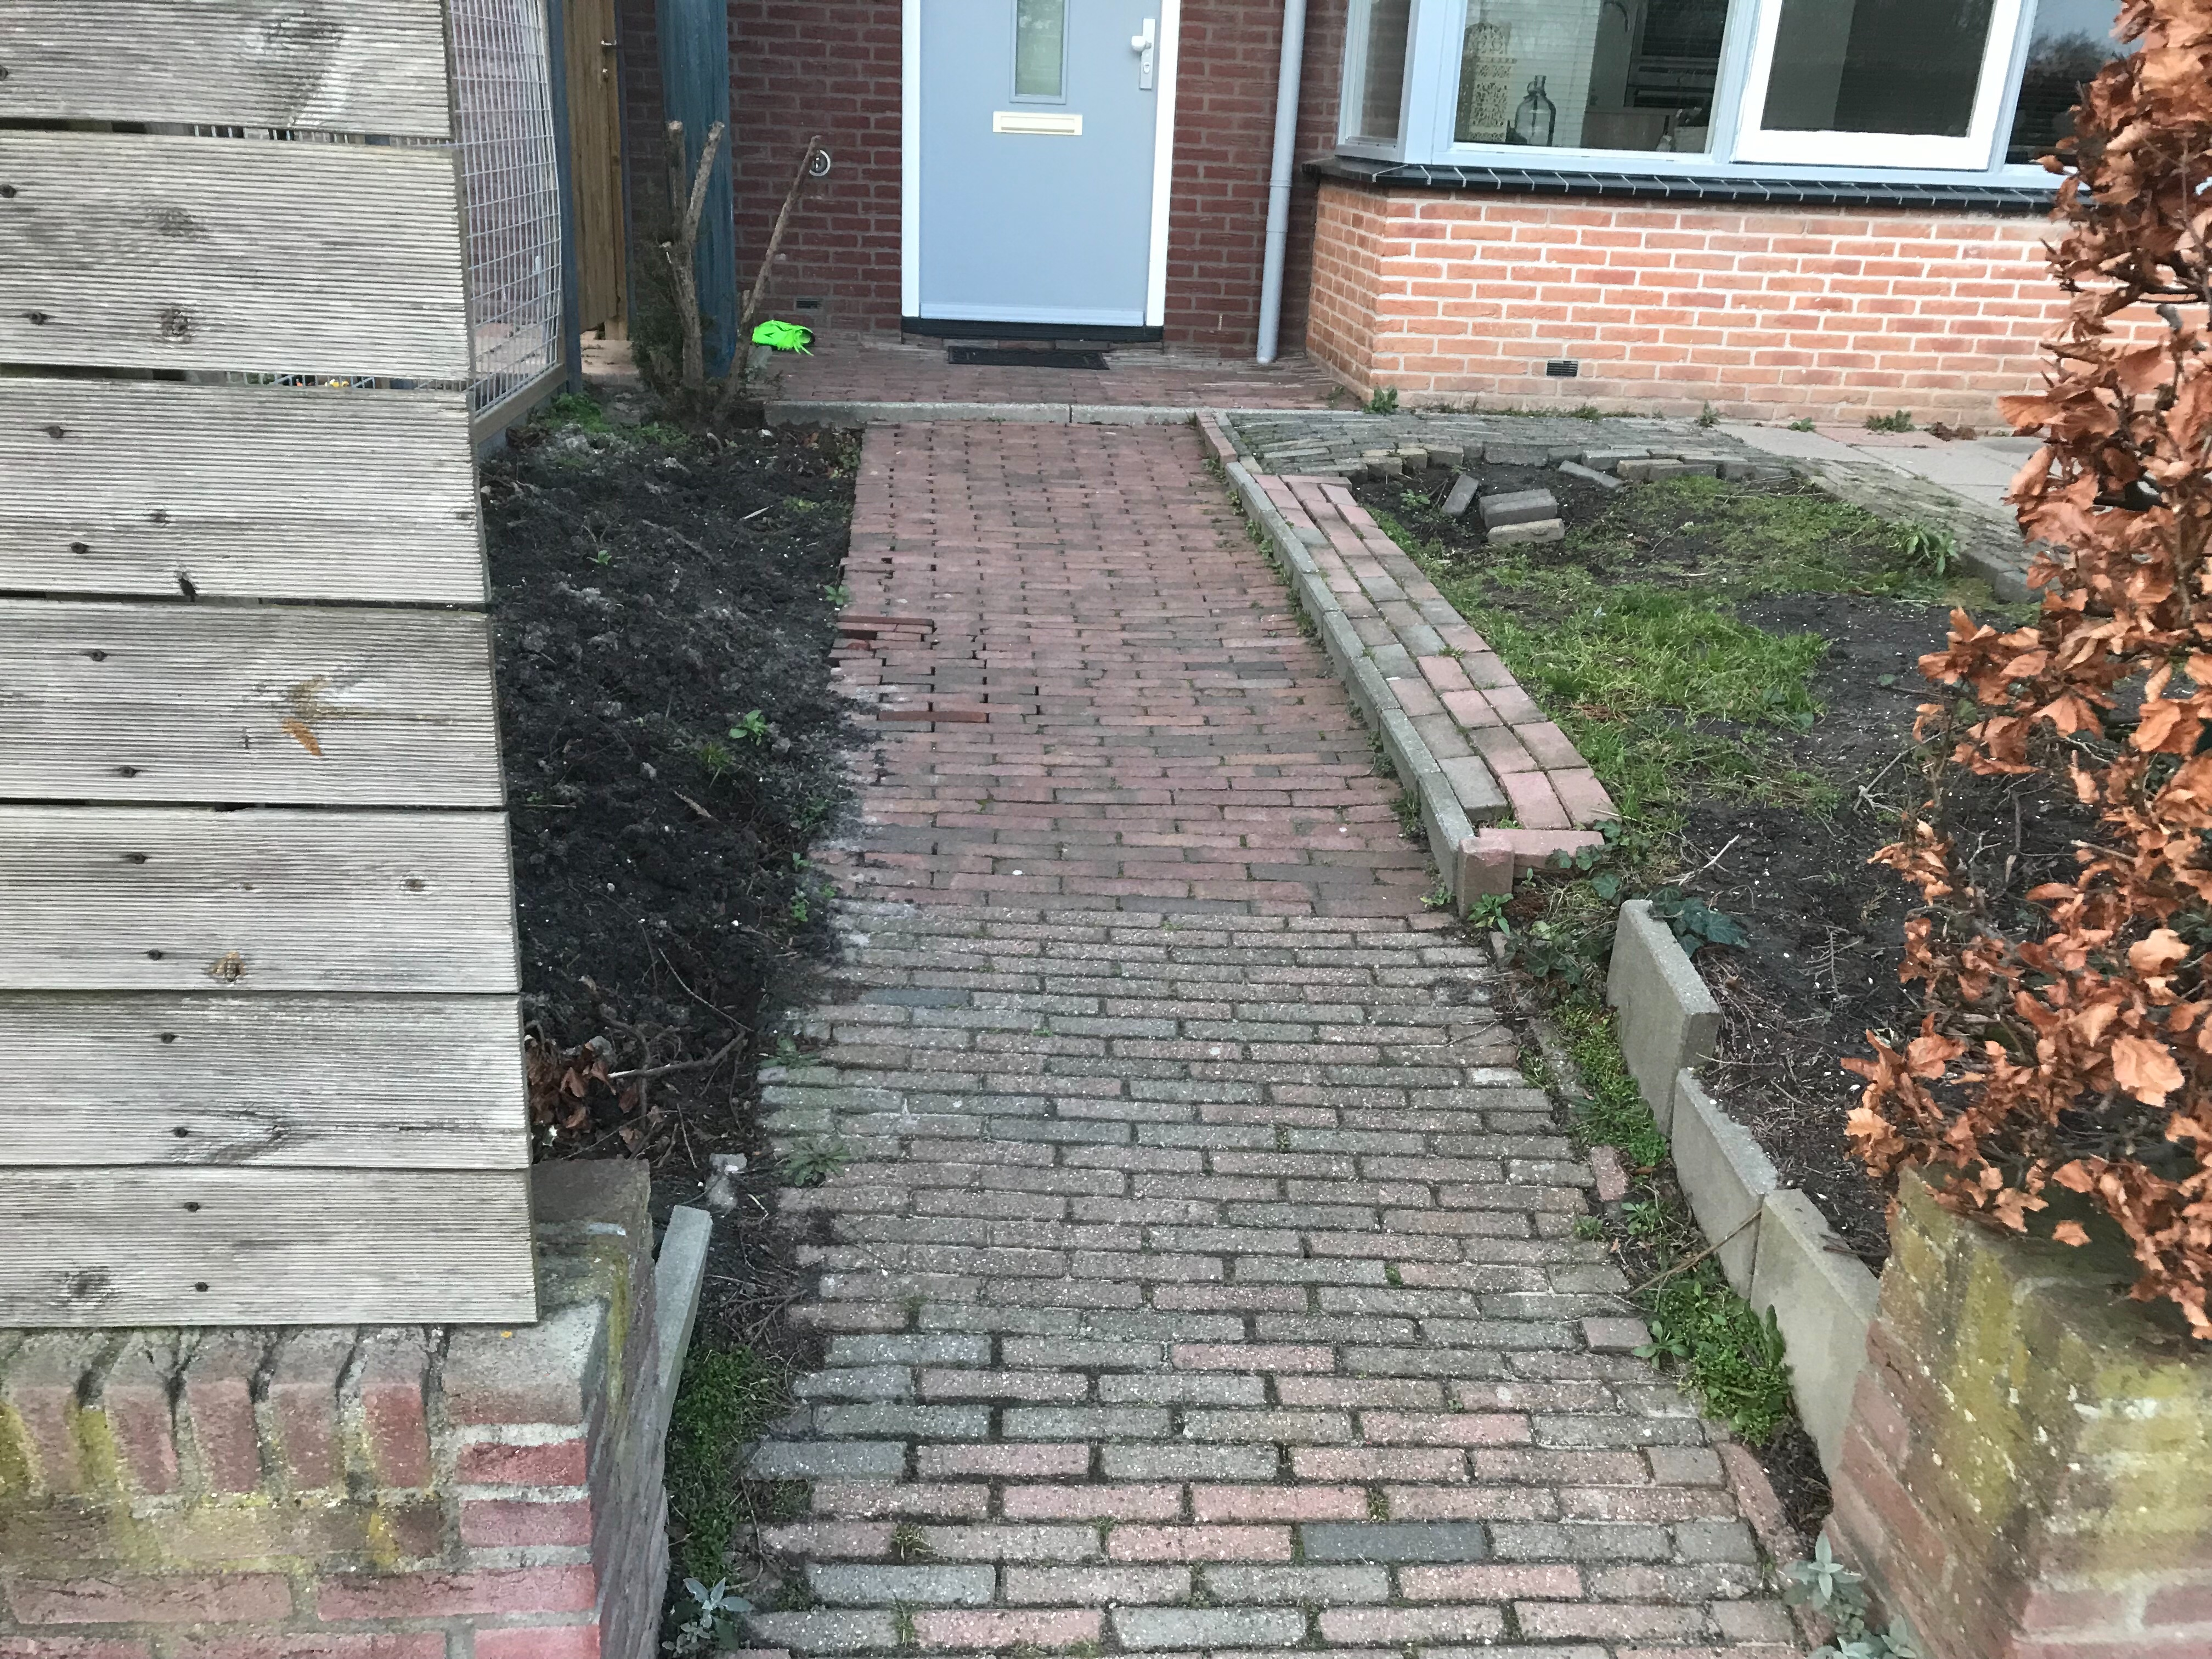 Tuin aanleggen geen ontwerptekeningen aanwezig m2 for Trap tuin aanleggen